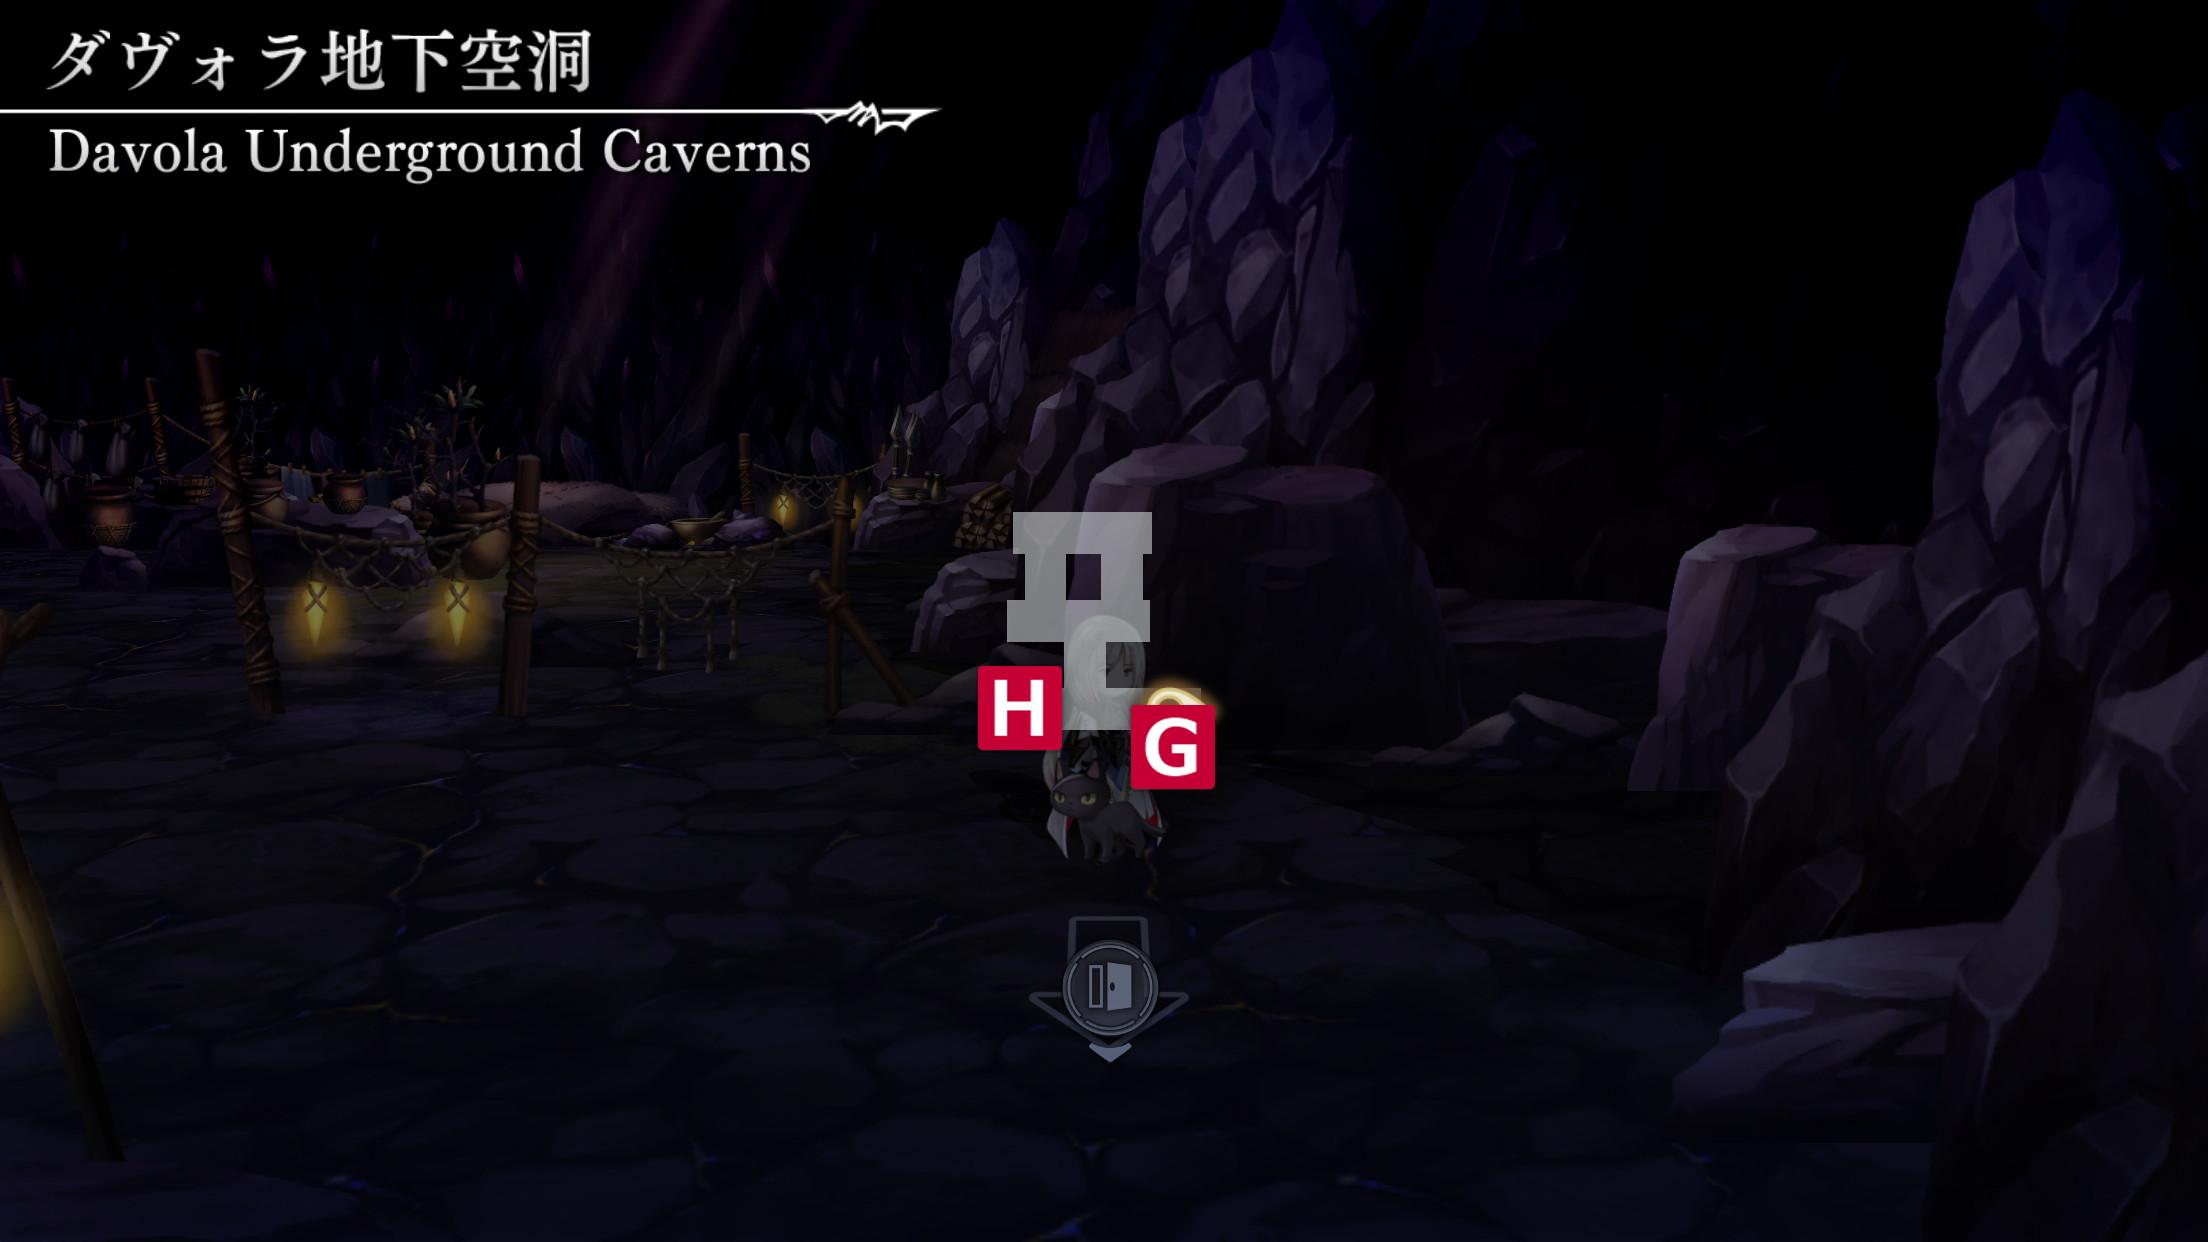 ダヴォラ地下空洞マップ8